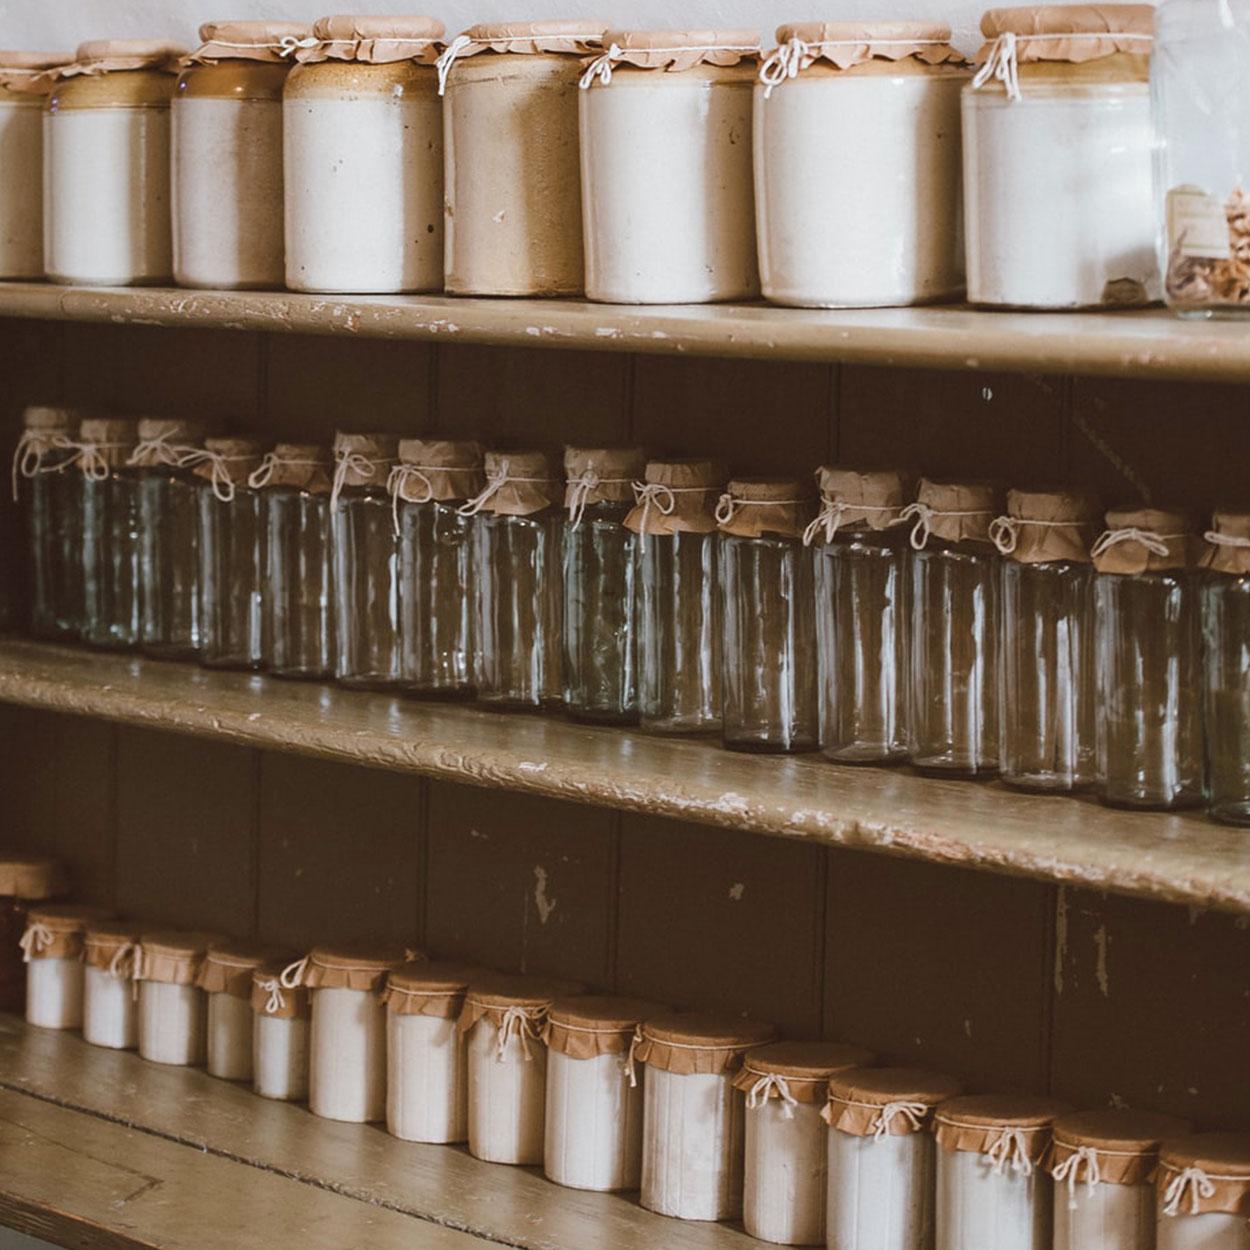 promotion de produits bio ethiques et equitables dans un reseau engagé